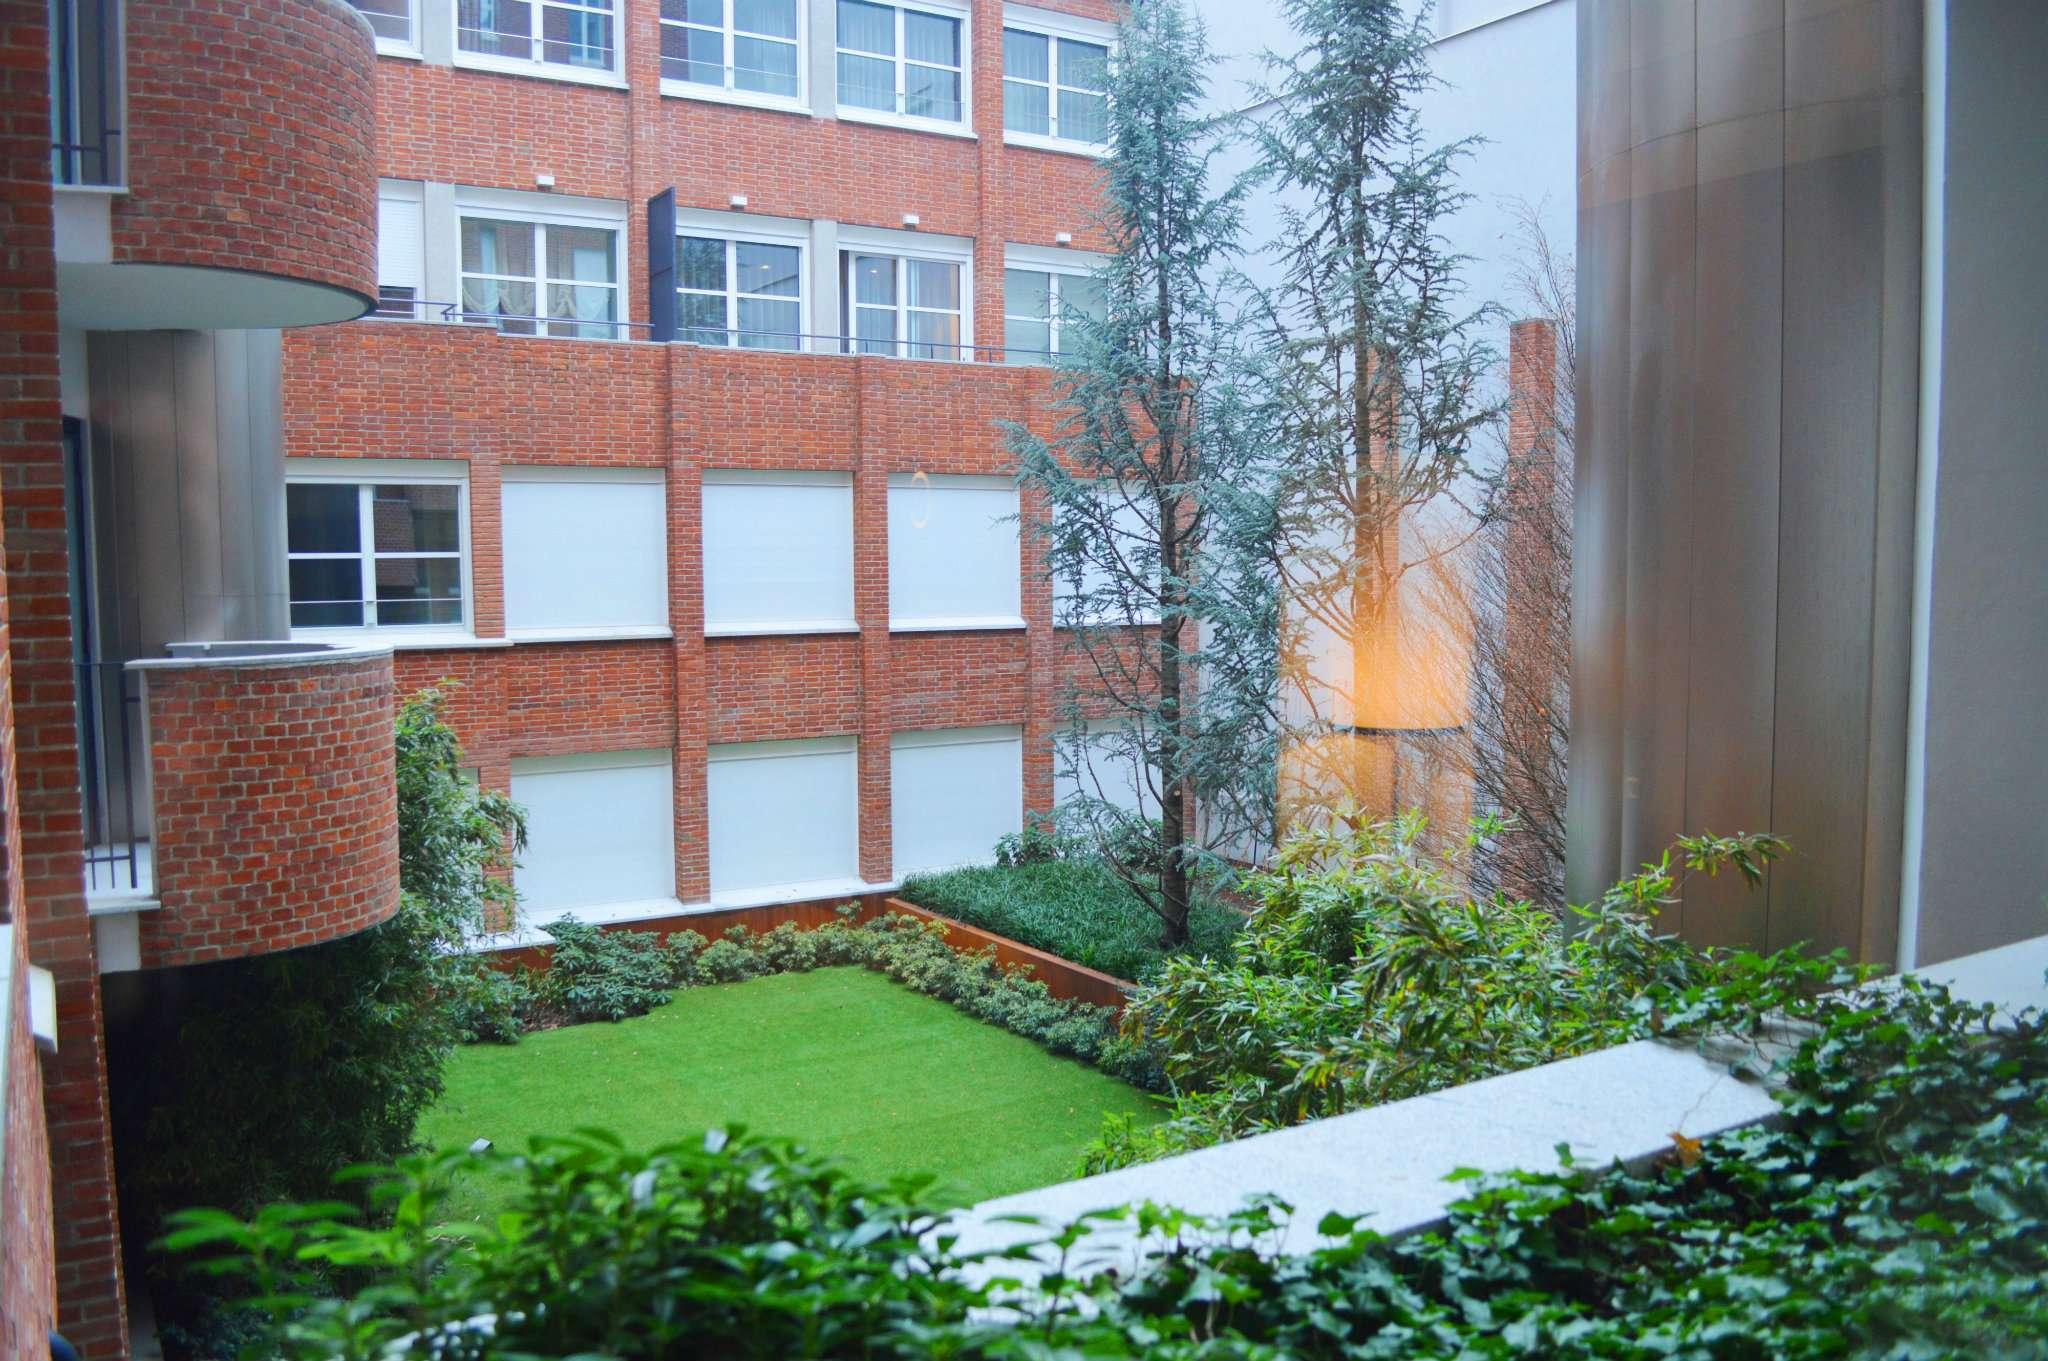 Appartamento in Vendita a Milano 01 Centro storico (Cerchia dei Navigli): 2 locali, 58 mq